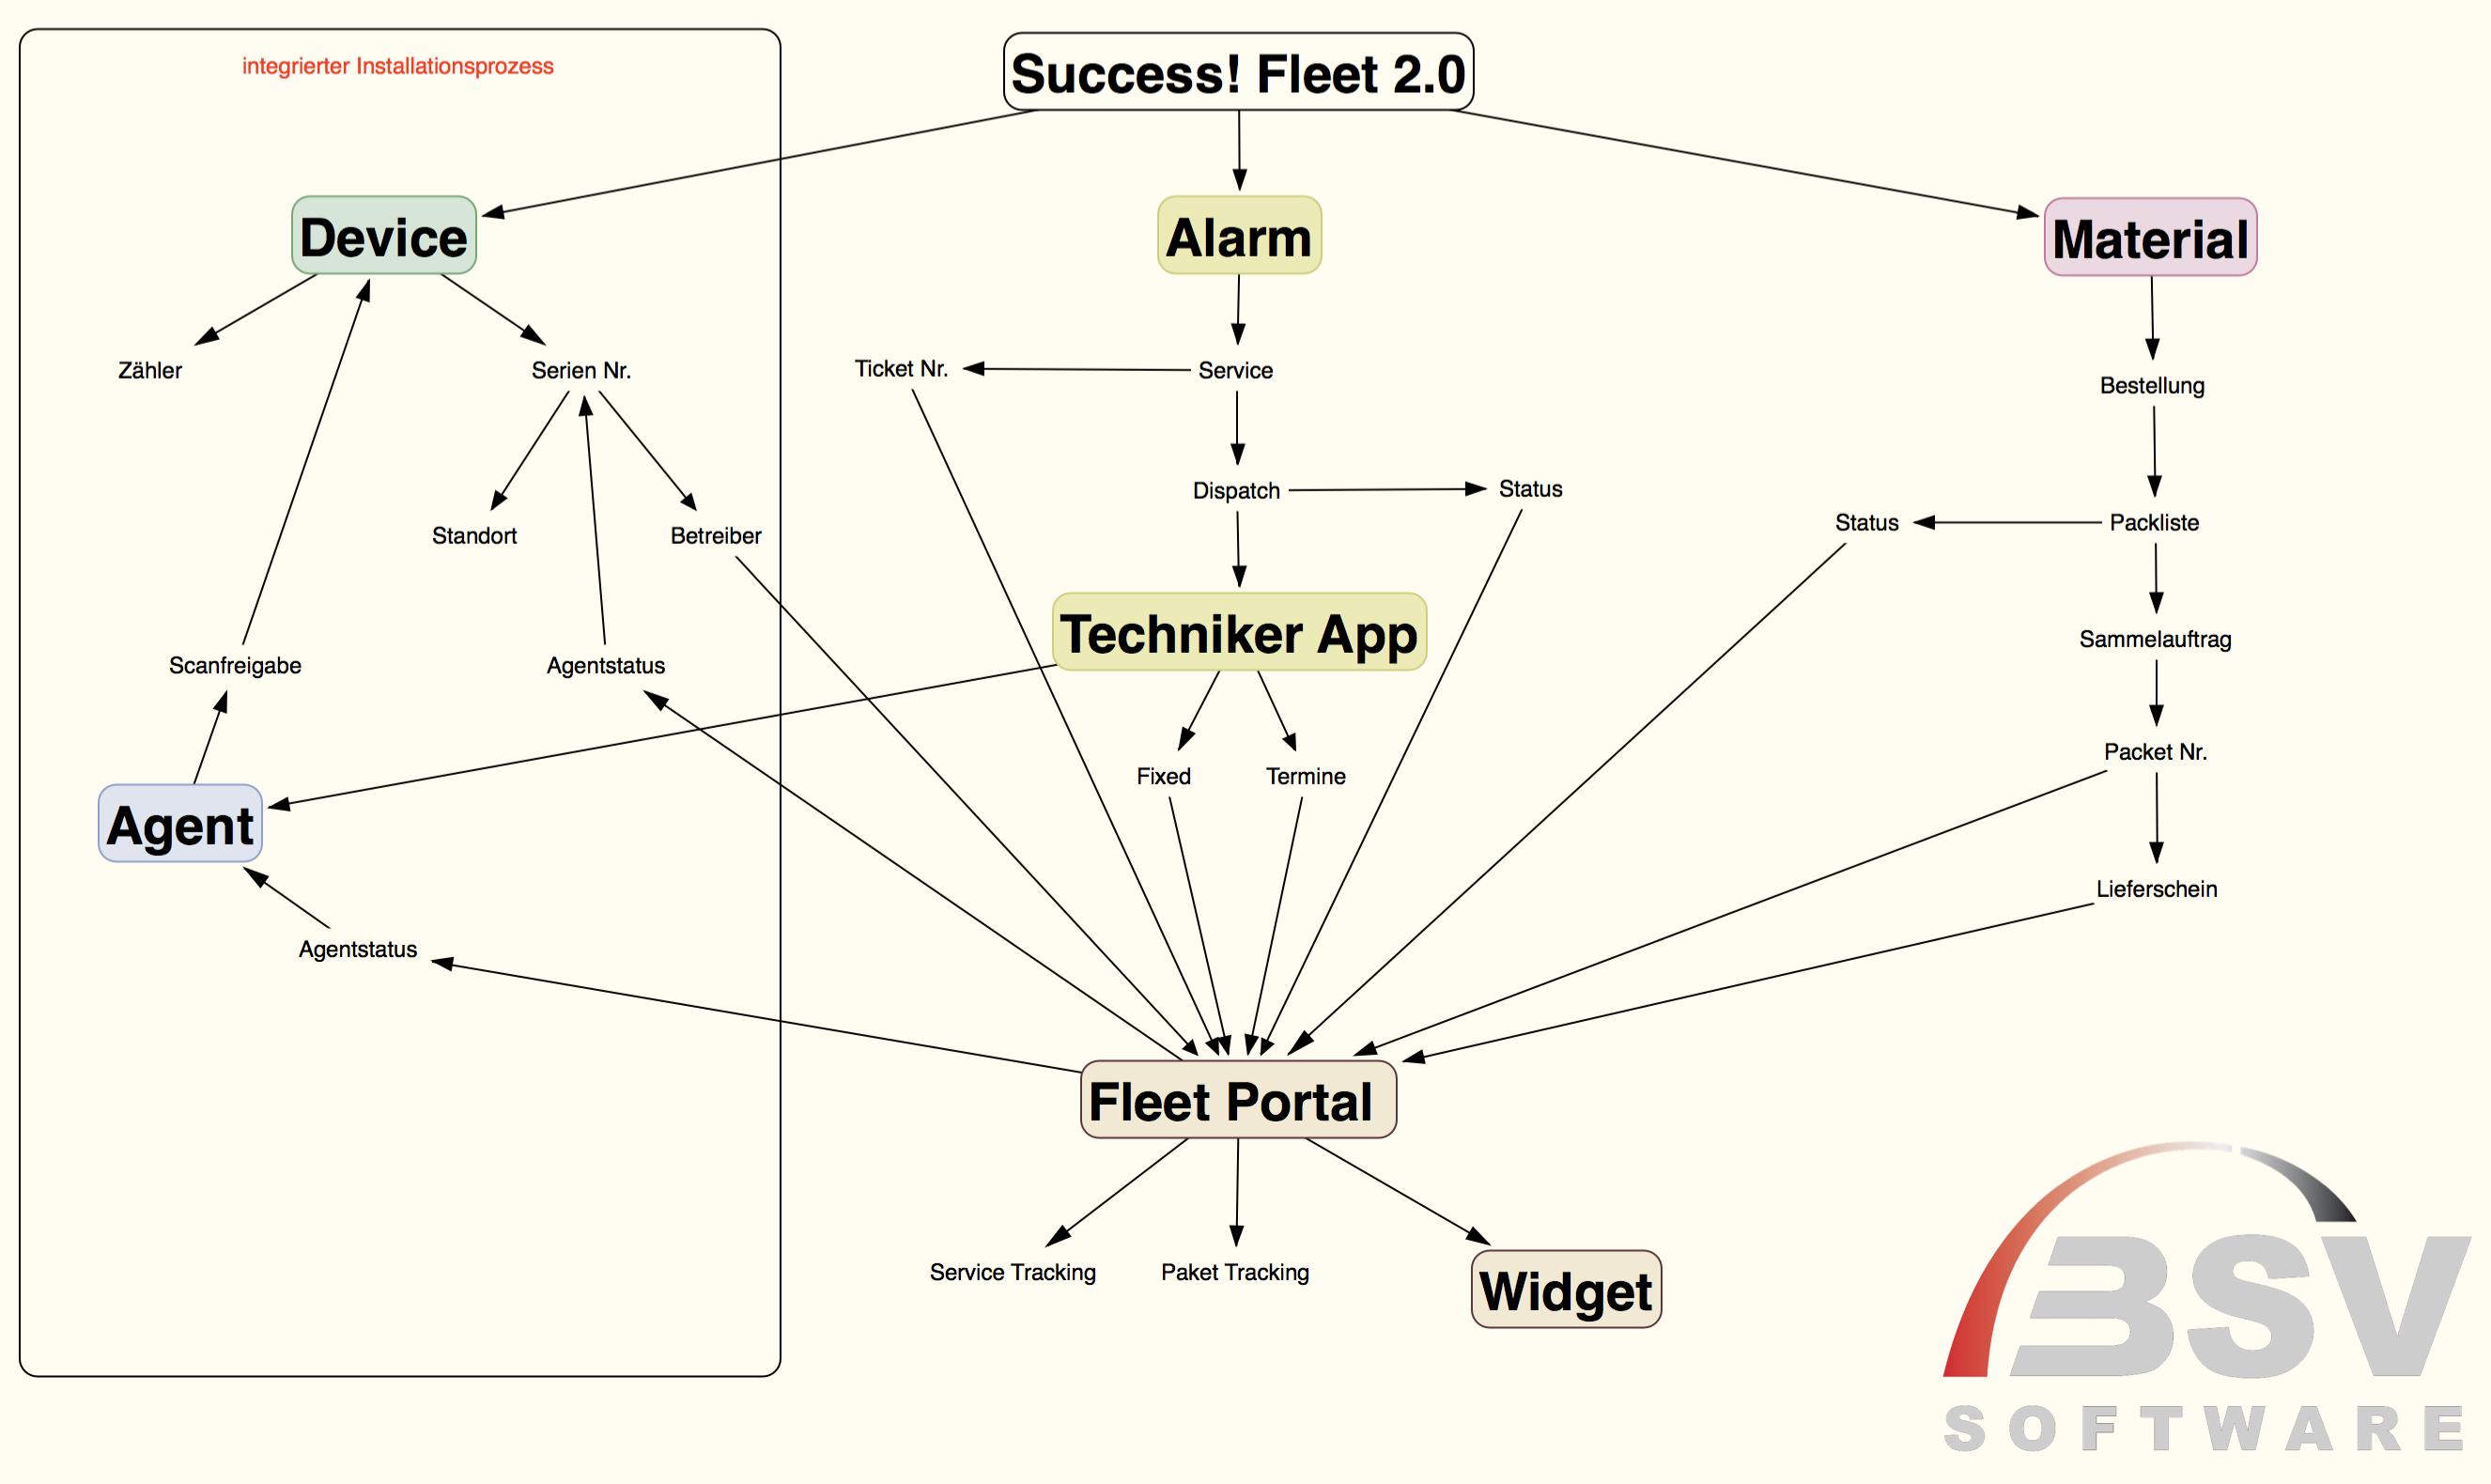 Success!Fleet 2.0